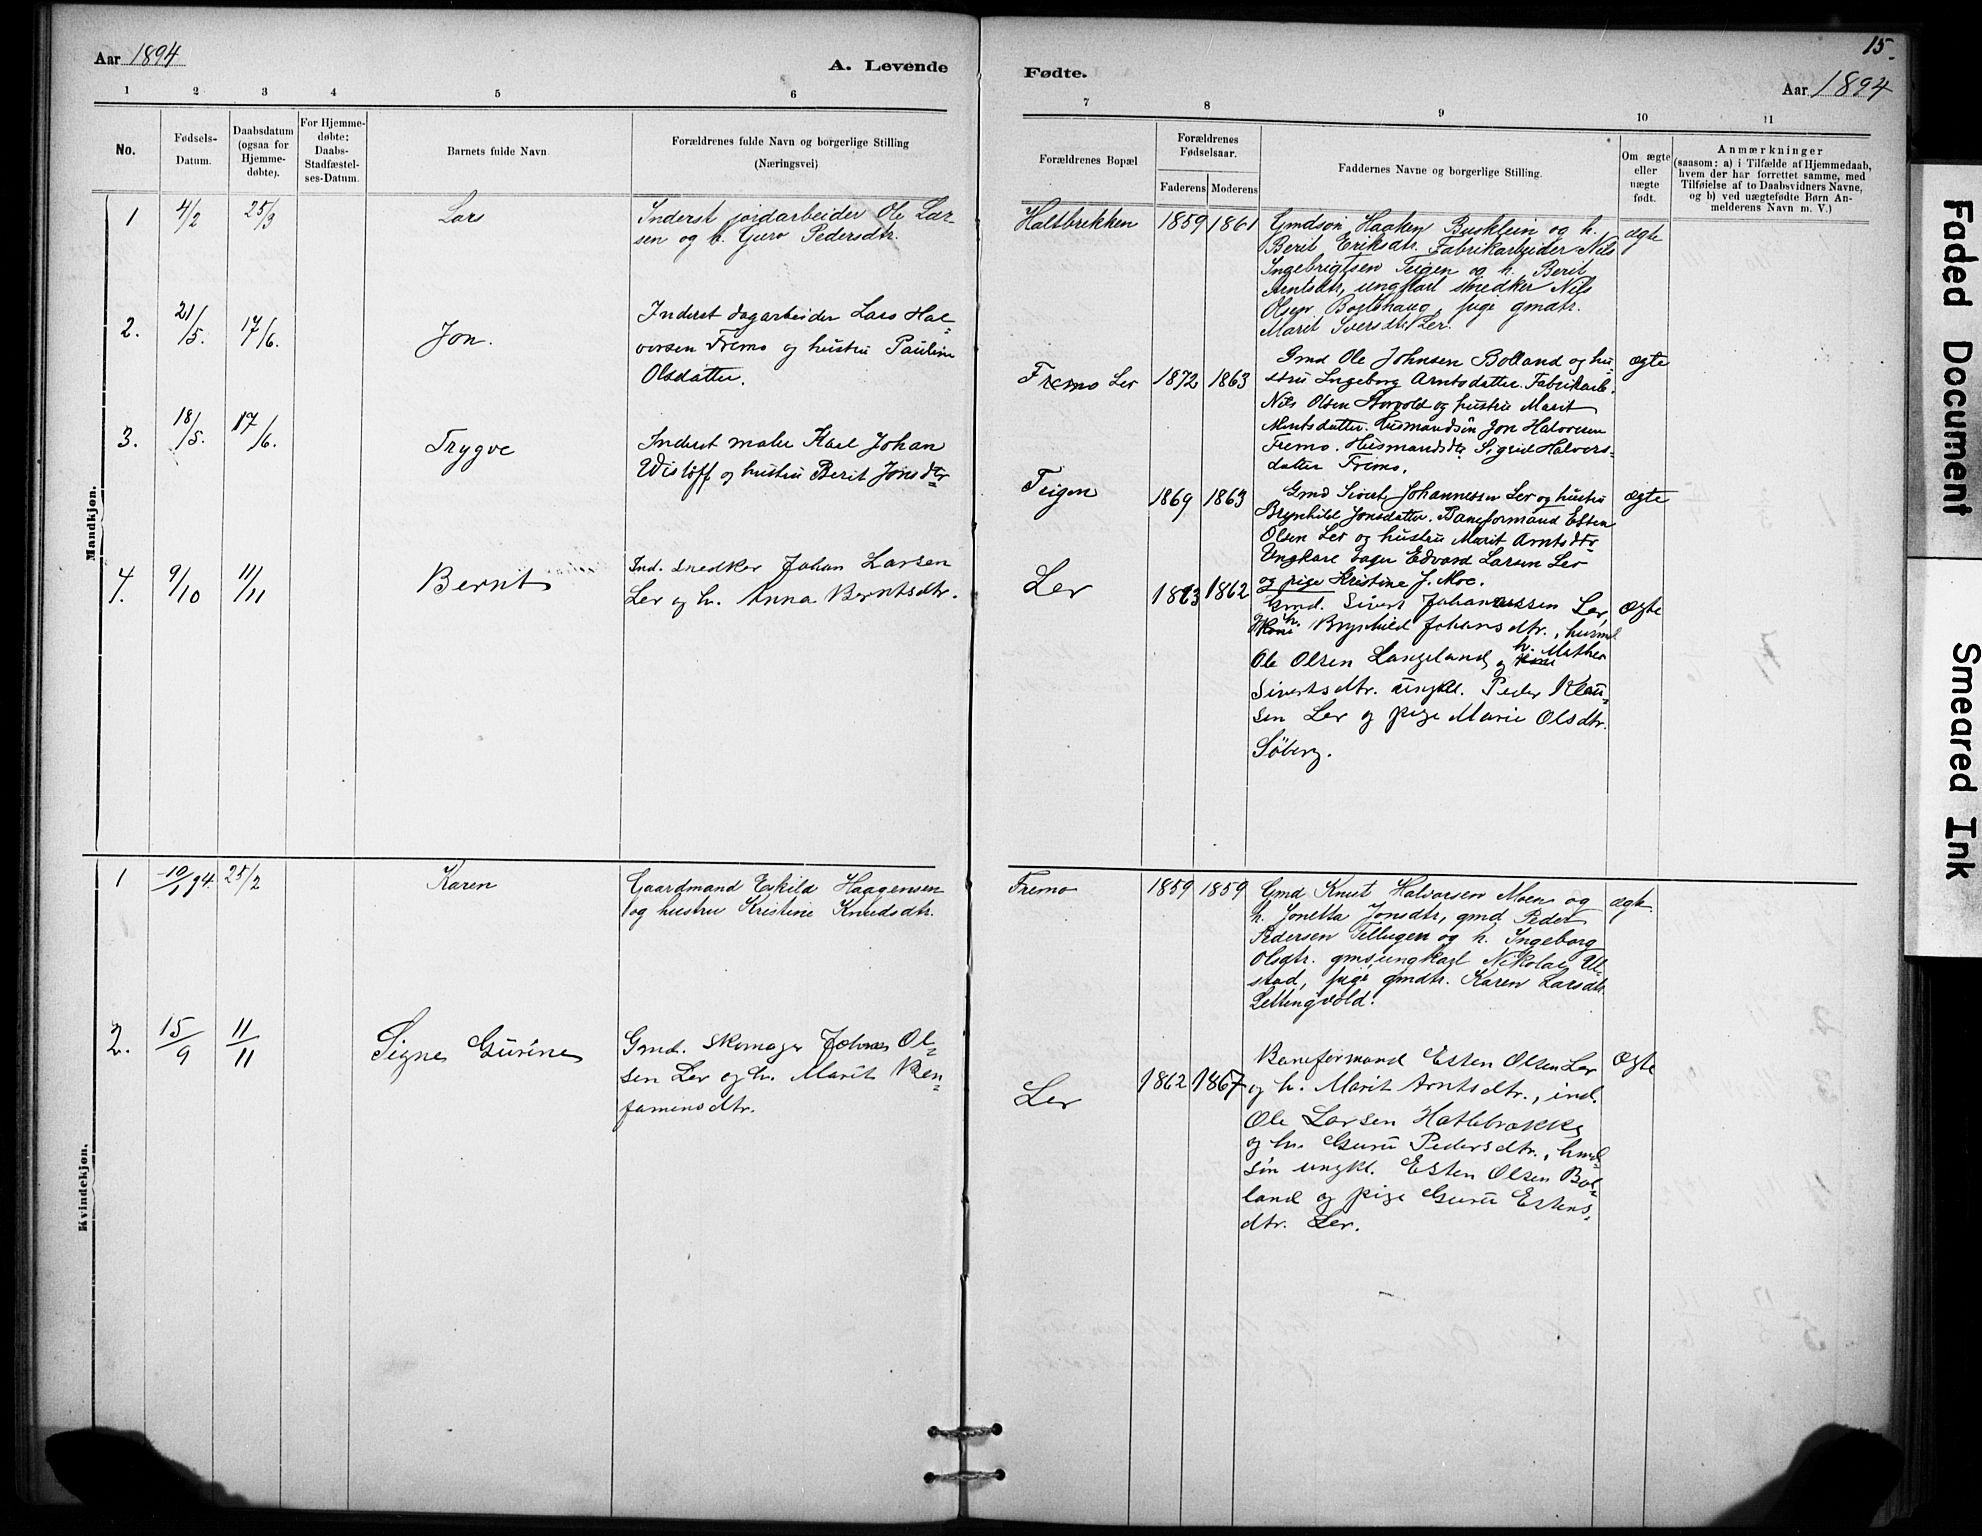 SAT, Ministerialprotokoller, klokkerbøker og fødselsregistre - Sør-Trøndelag, 693/L1119: Ministerialbok nr. 693A01, 1887-1905, s. 15